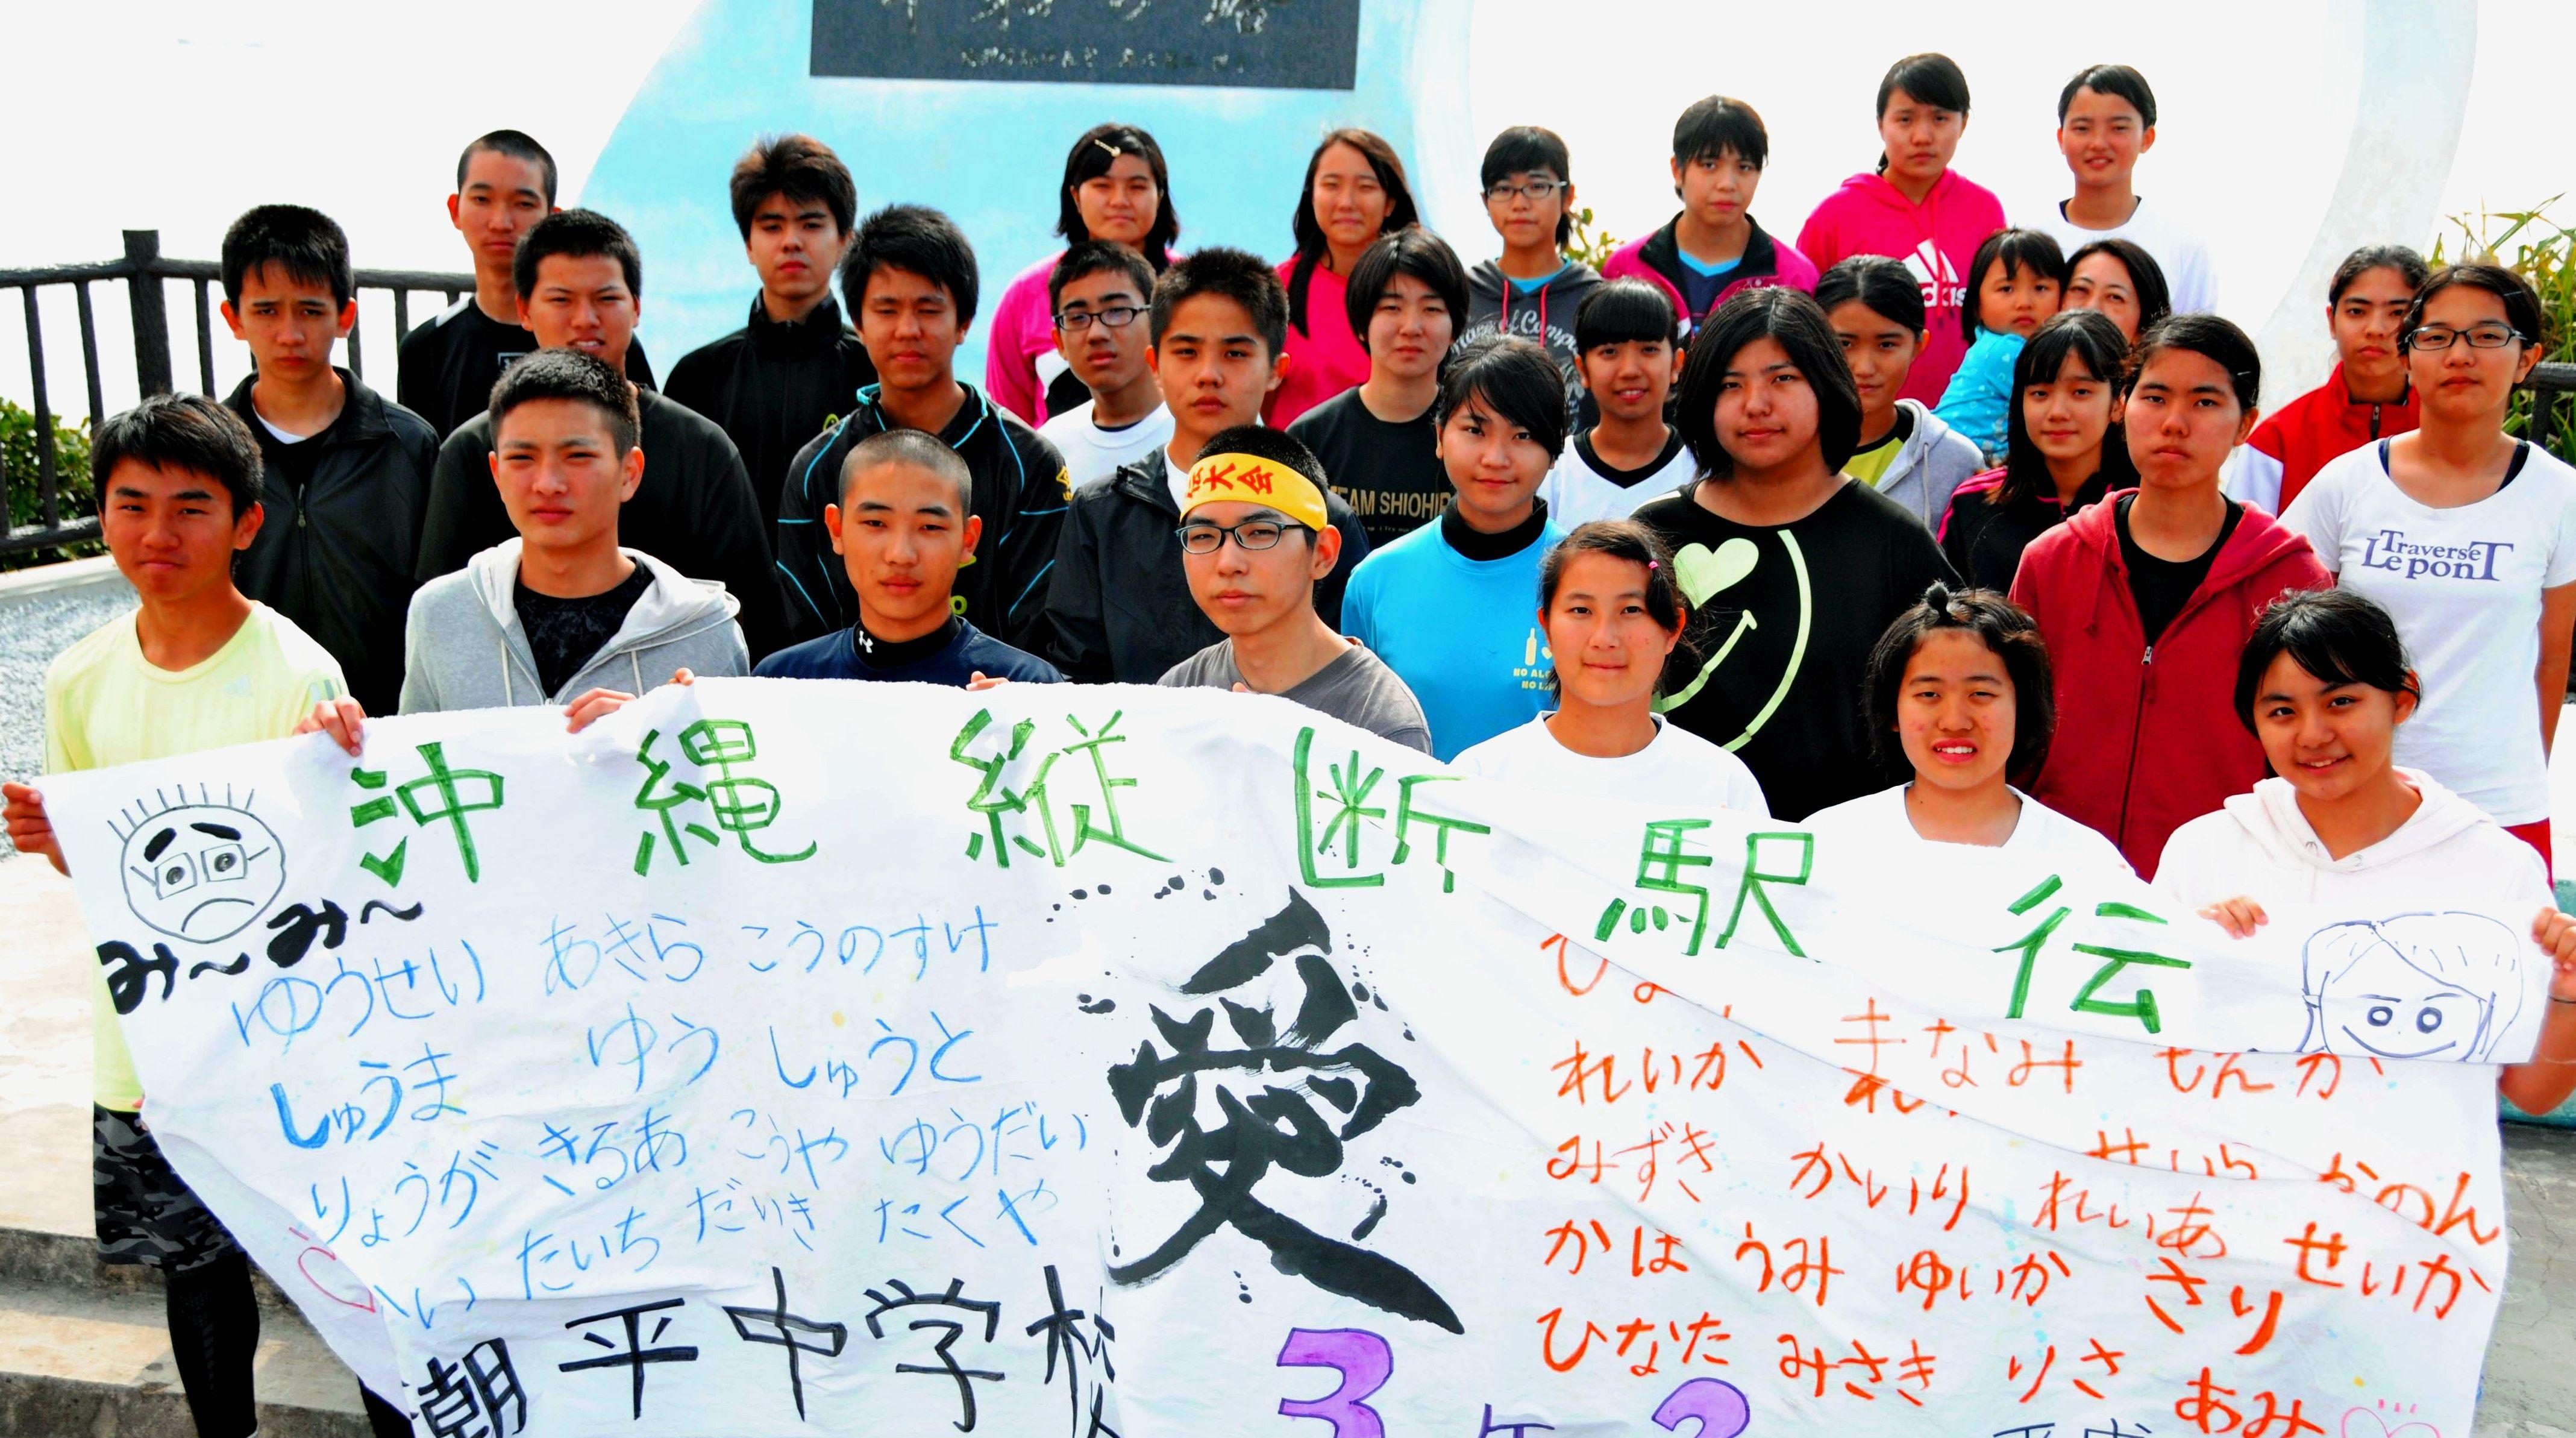 合格祈願! 中学生が沖縄本島140キロの縦断駅伝